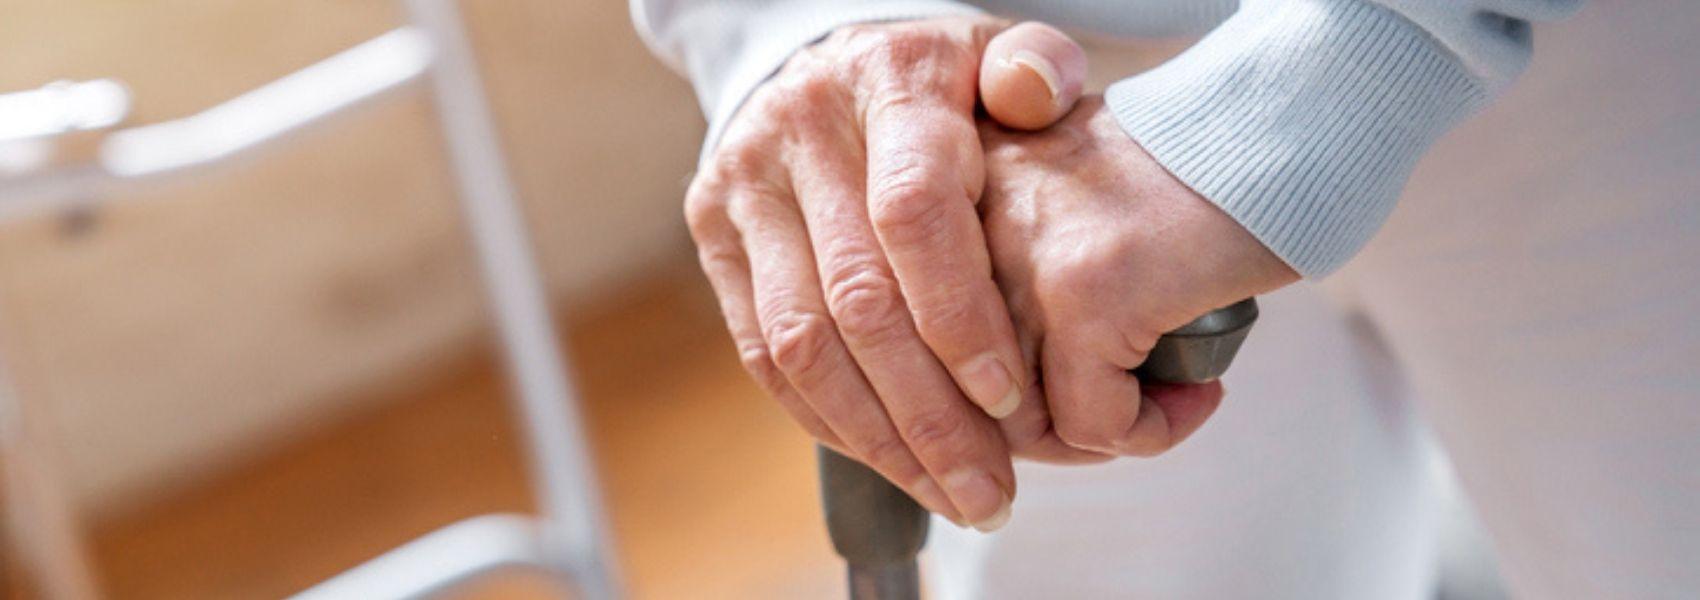 Risco de queda é maior para os idosos com doença de Alzheimer assintomática